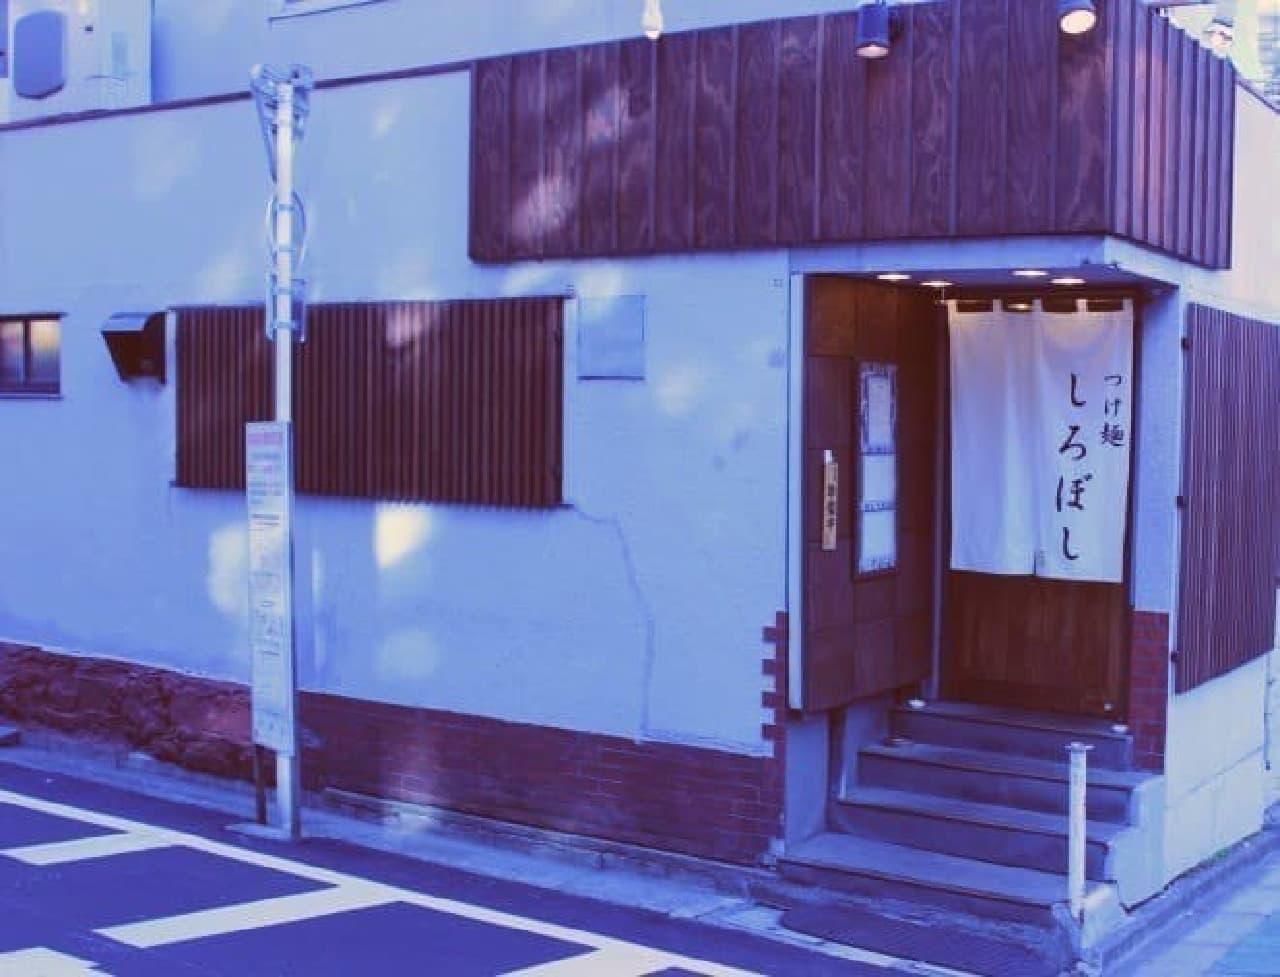 「つけ麺 しろぼし」発見!